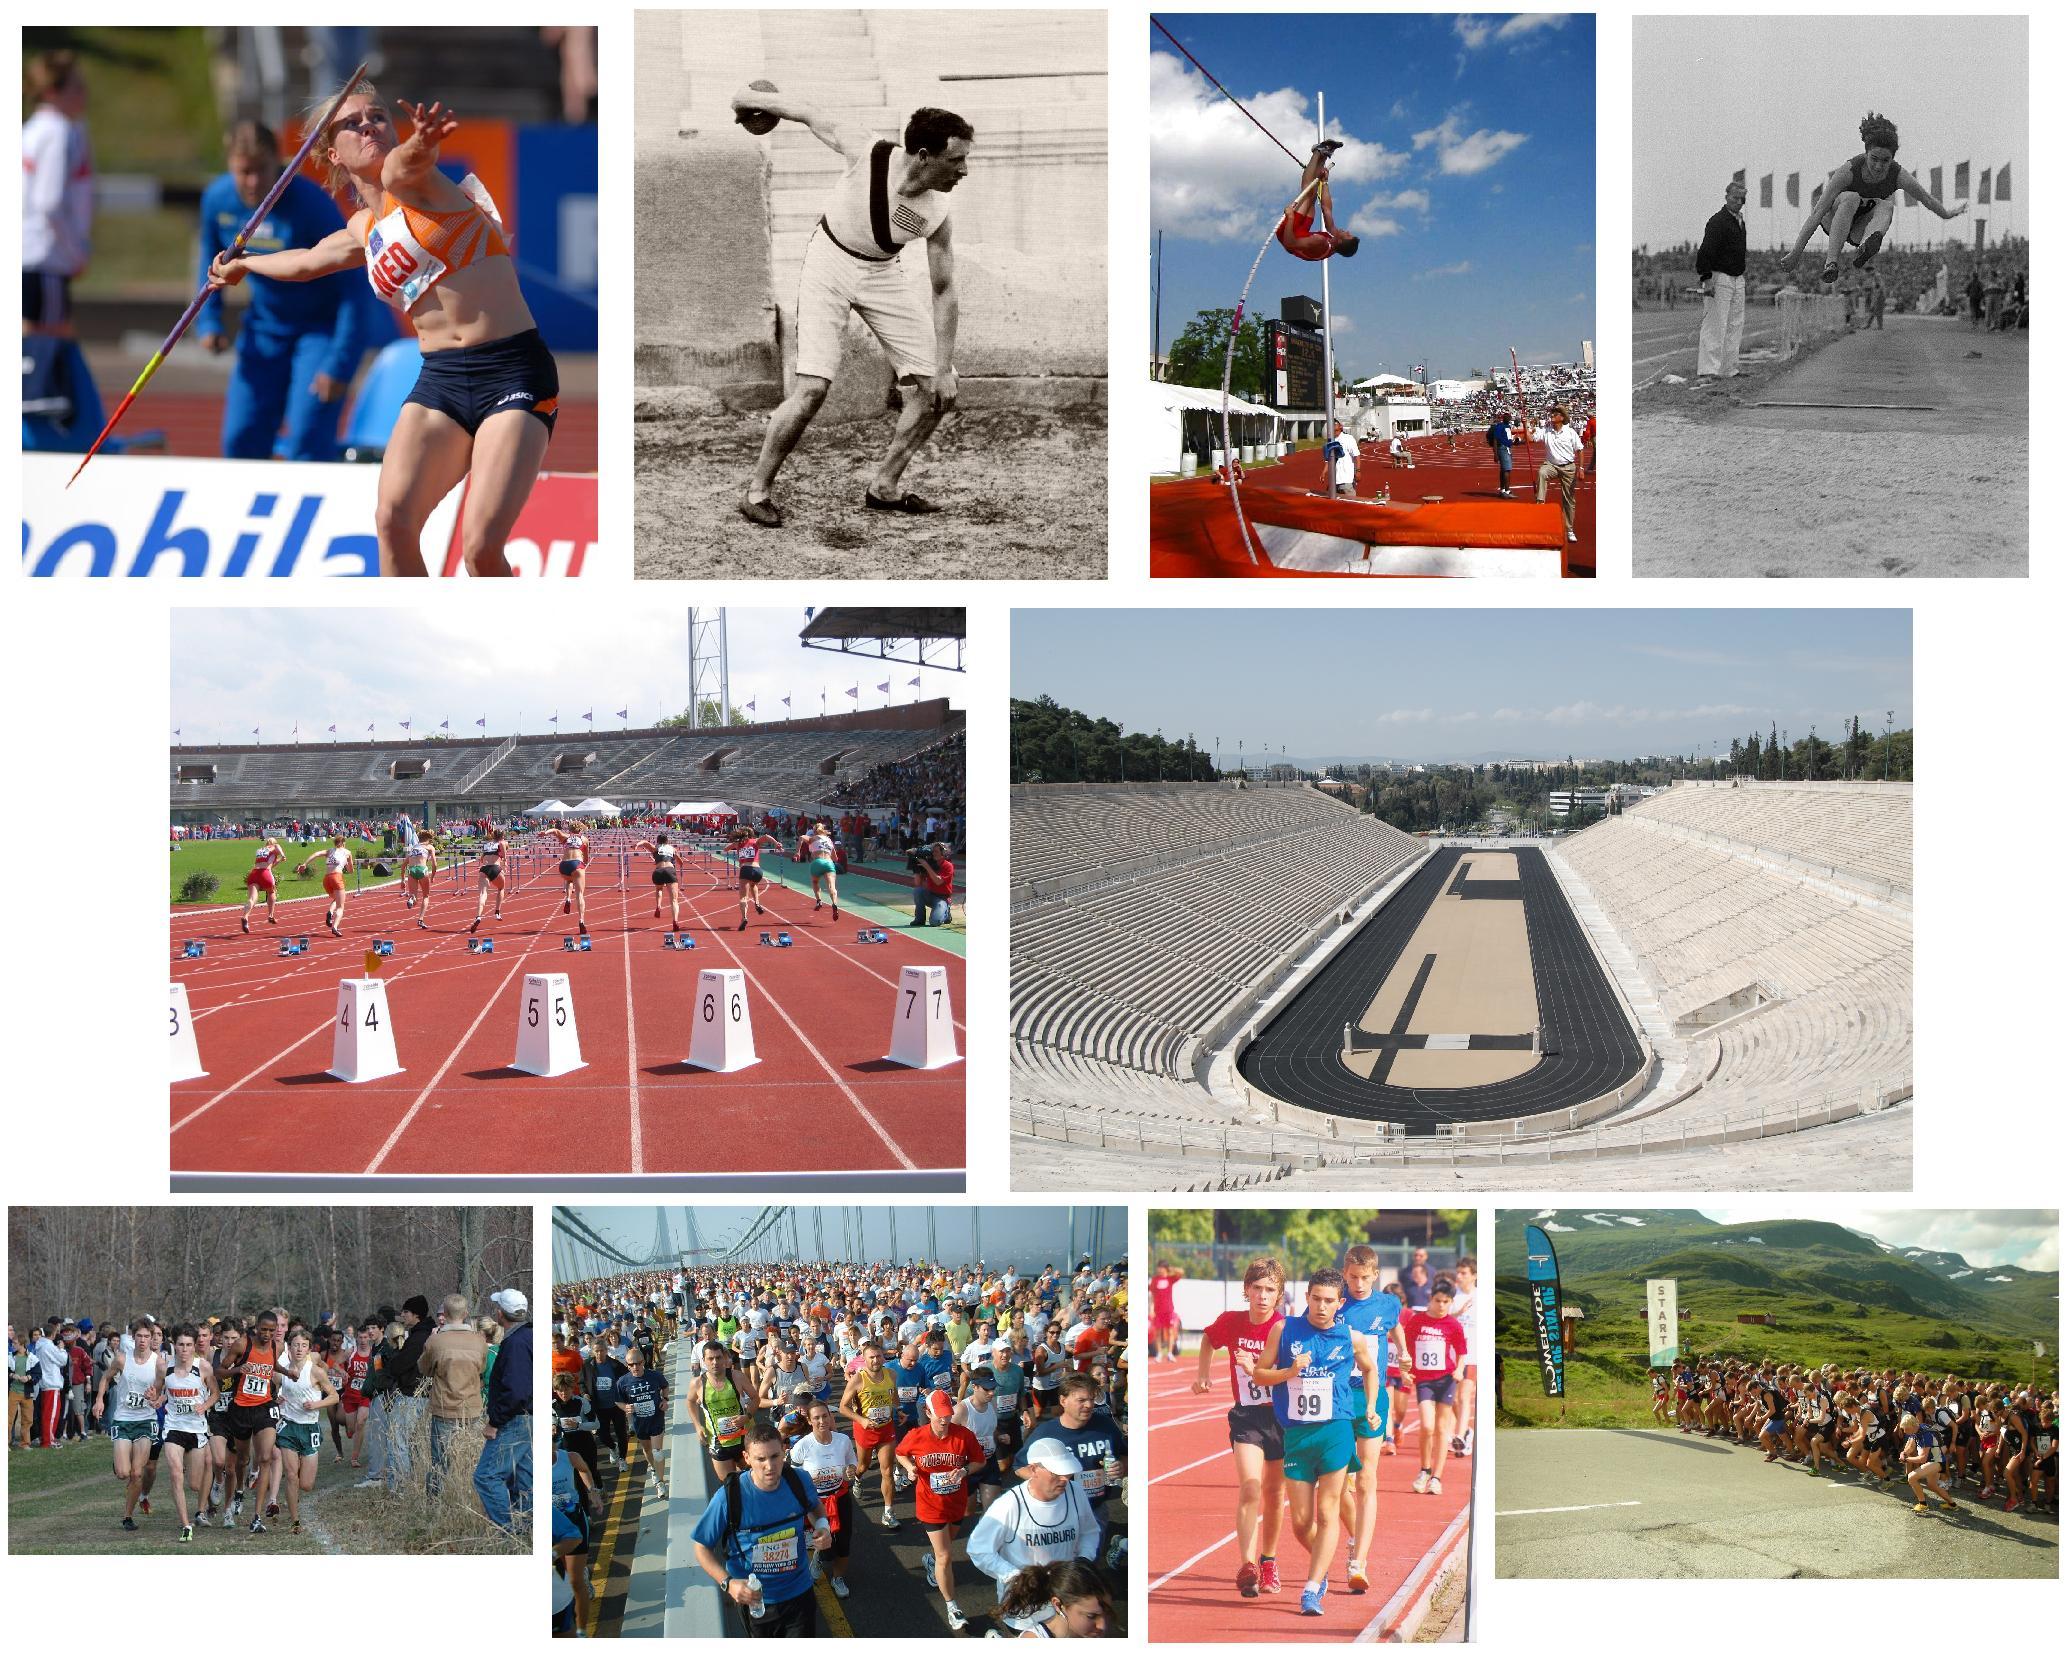 Эстафеты для взрослых: место проведения, правила соревнований, участники, особенности заданий и идеи для конкурса